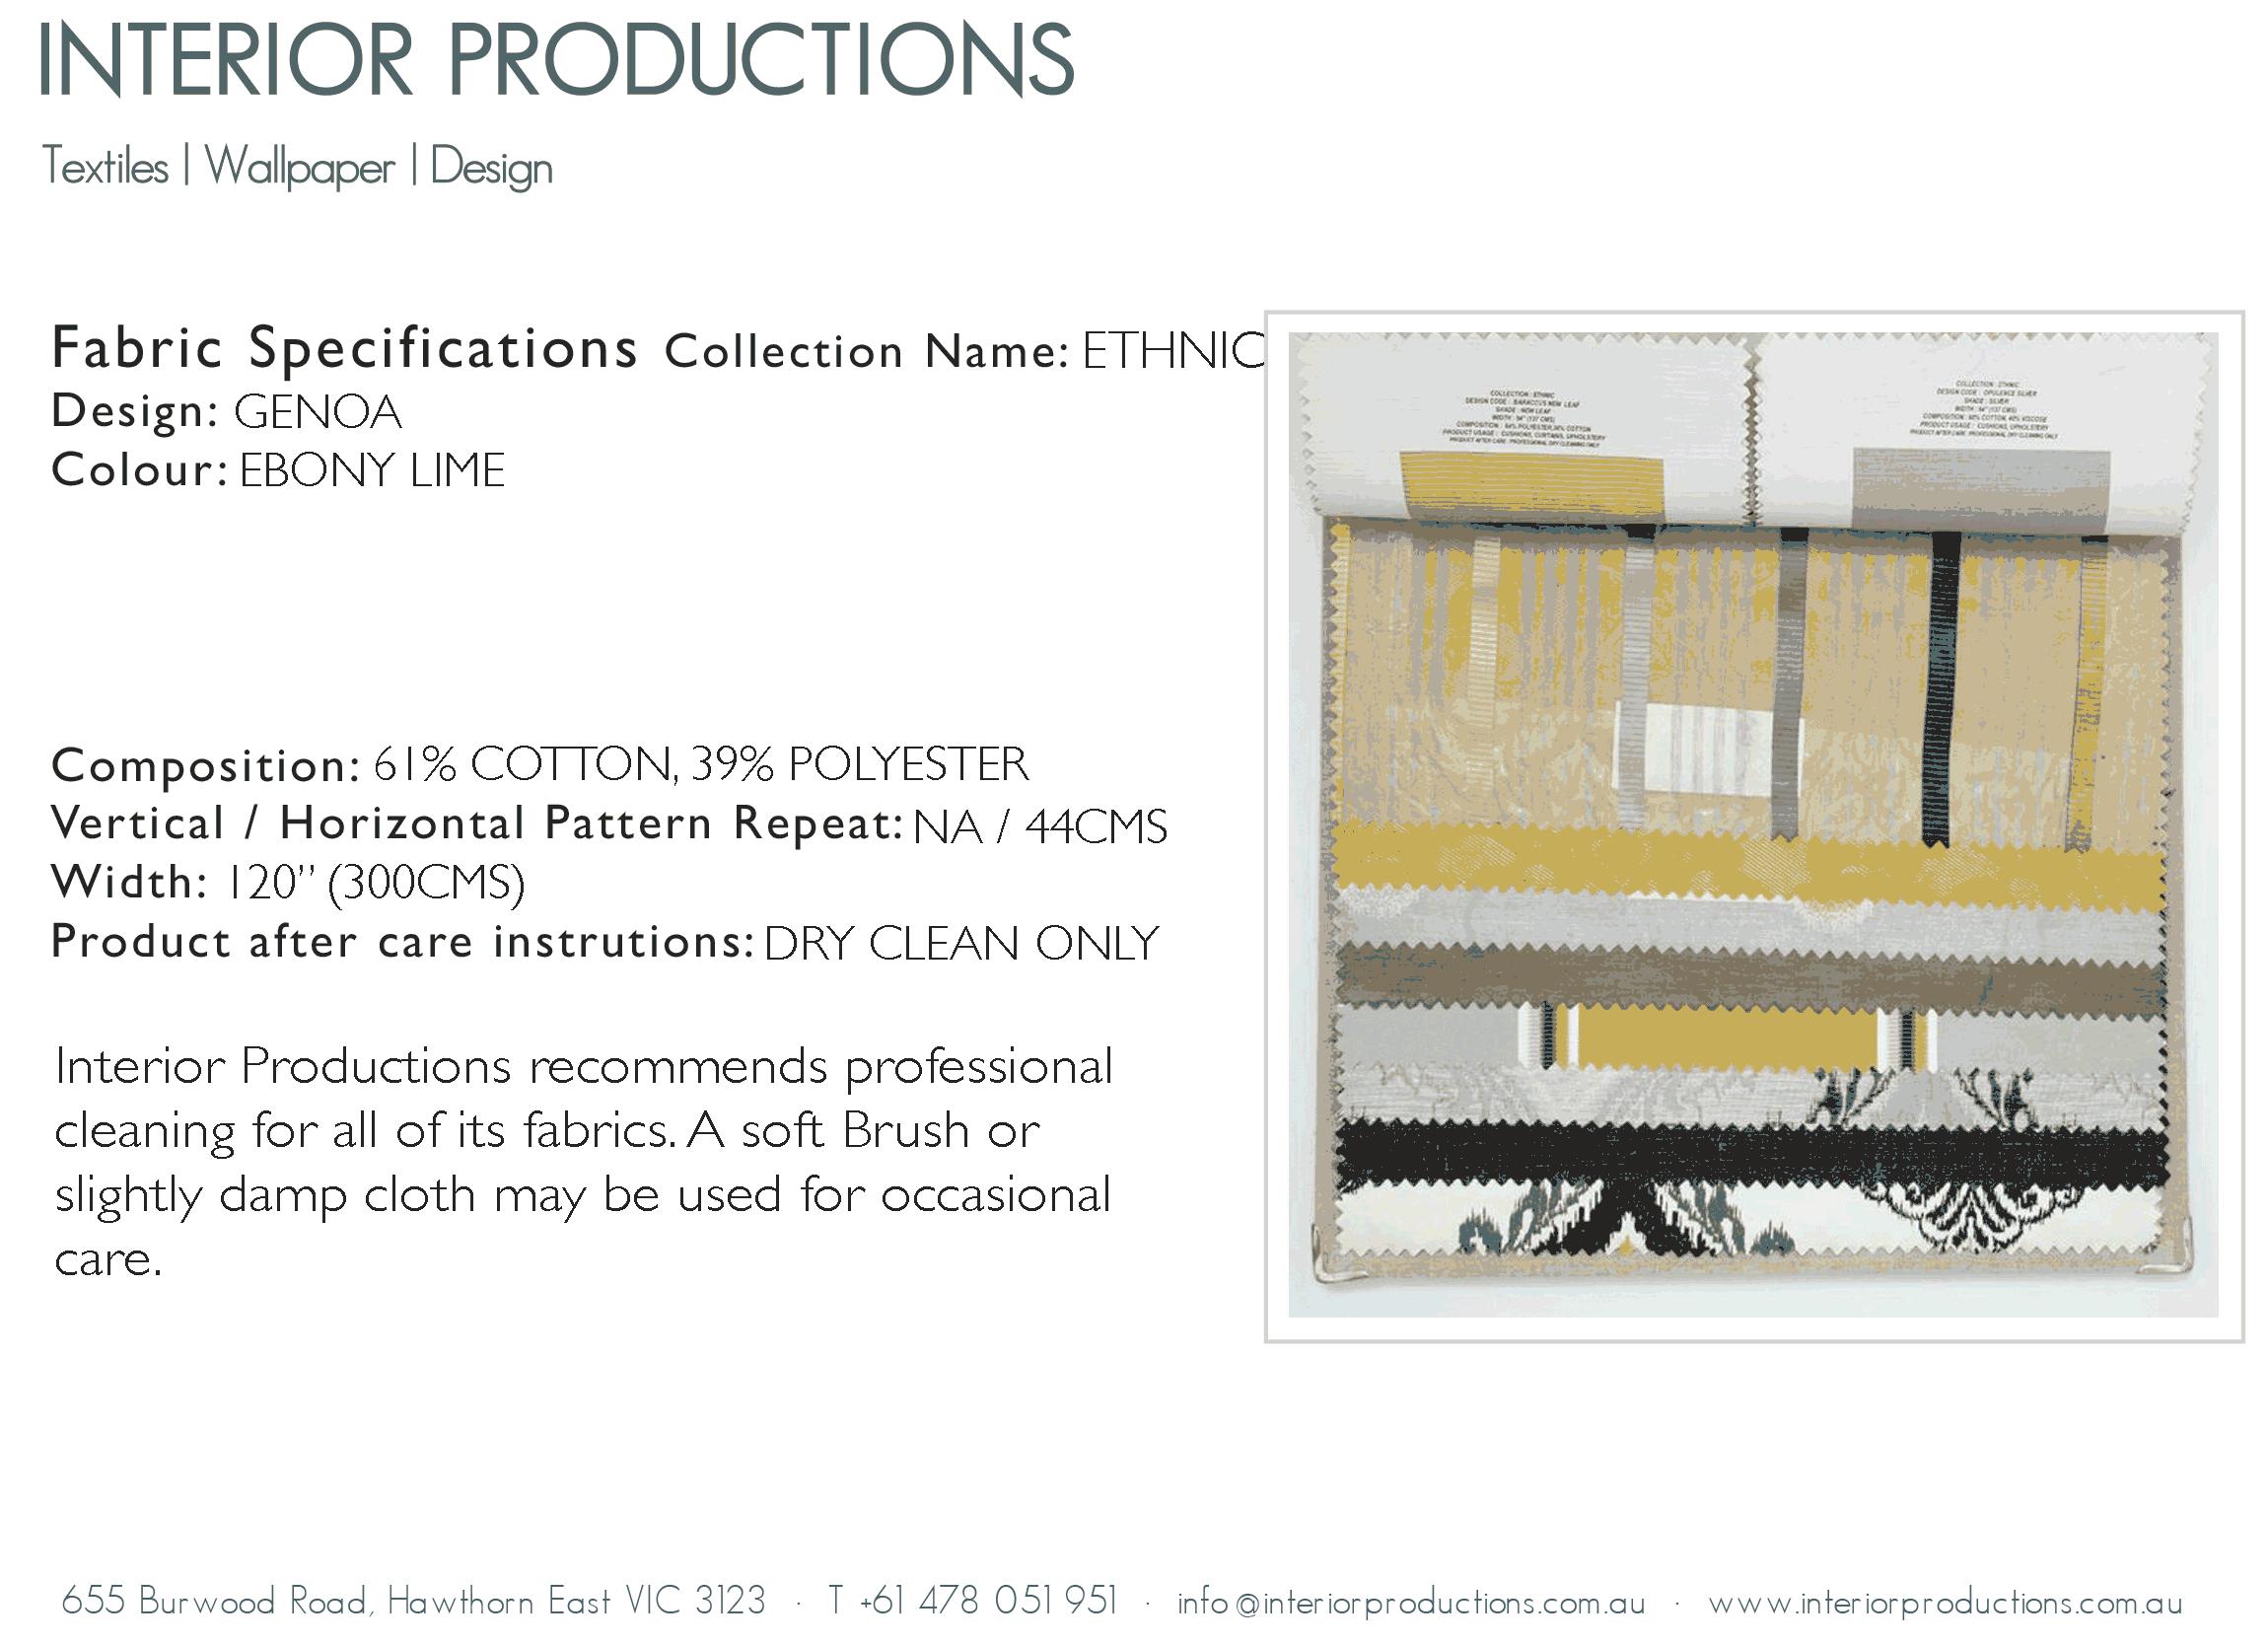 interior_productions_GENOA---EBONY-LIME